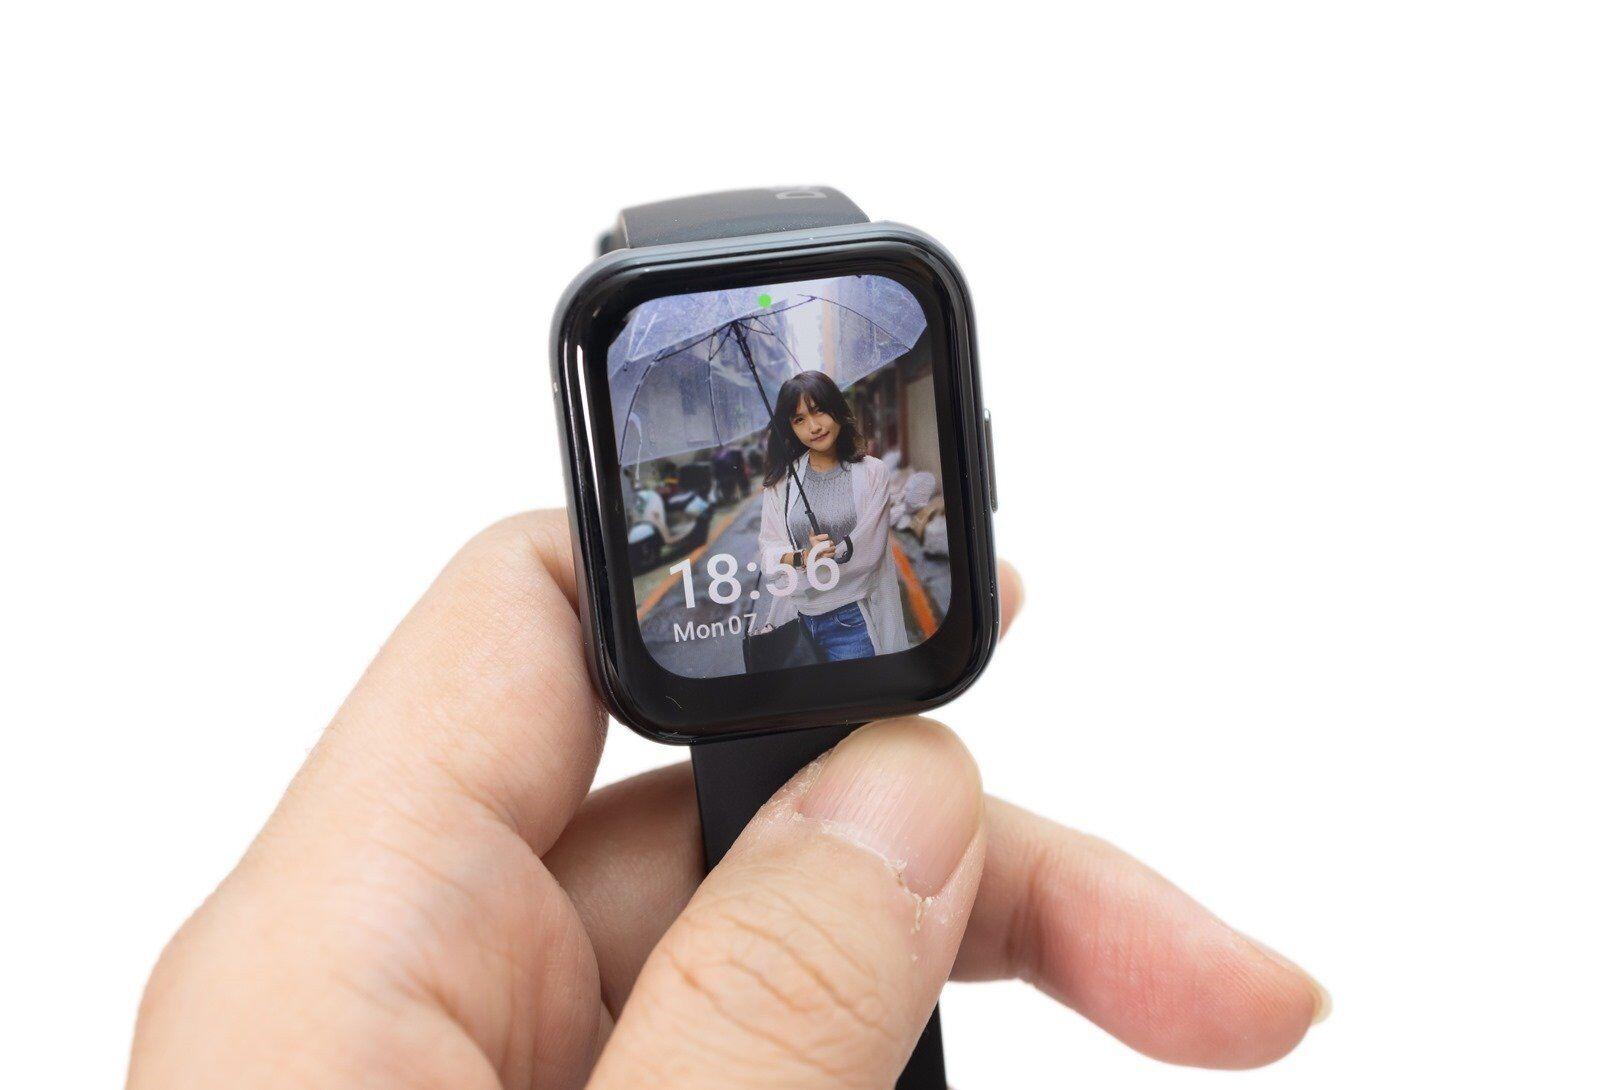 輕鬆入手血氧偵測衛星定位全能智慧手錶!realme Watch 2 Pro / realme Watch 2 開箱評測 + 如何選! @3C 達人廖阿輝